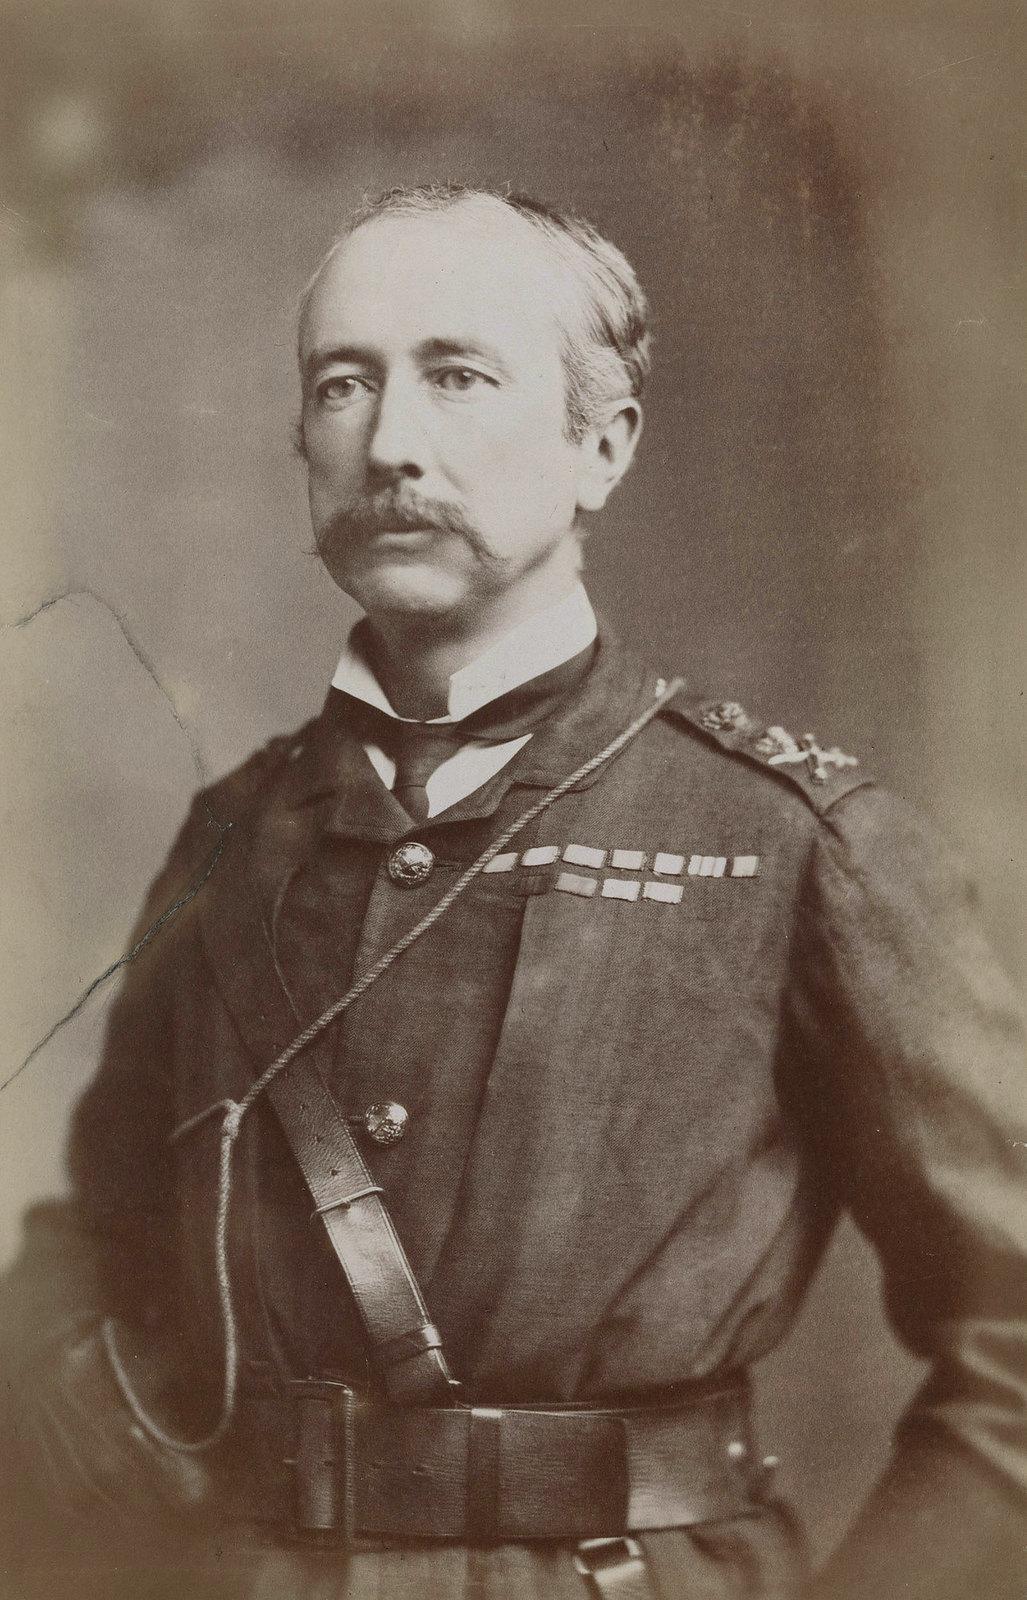 02. Фельдмаршал Гарнет Джозеф Вулзли, 1-й виконт Вулзли. Он командовал британскими войсками во время англо-египетской войны